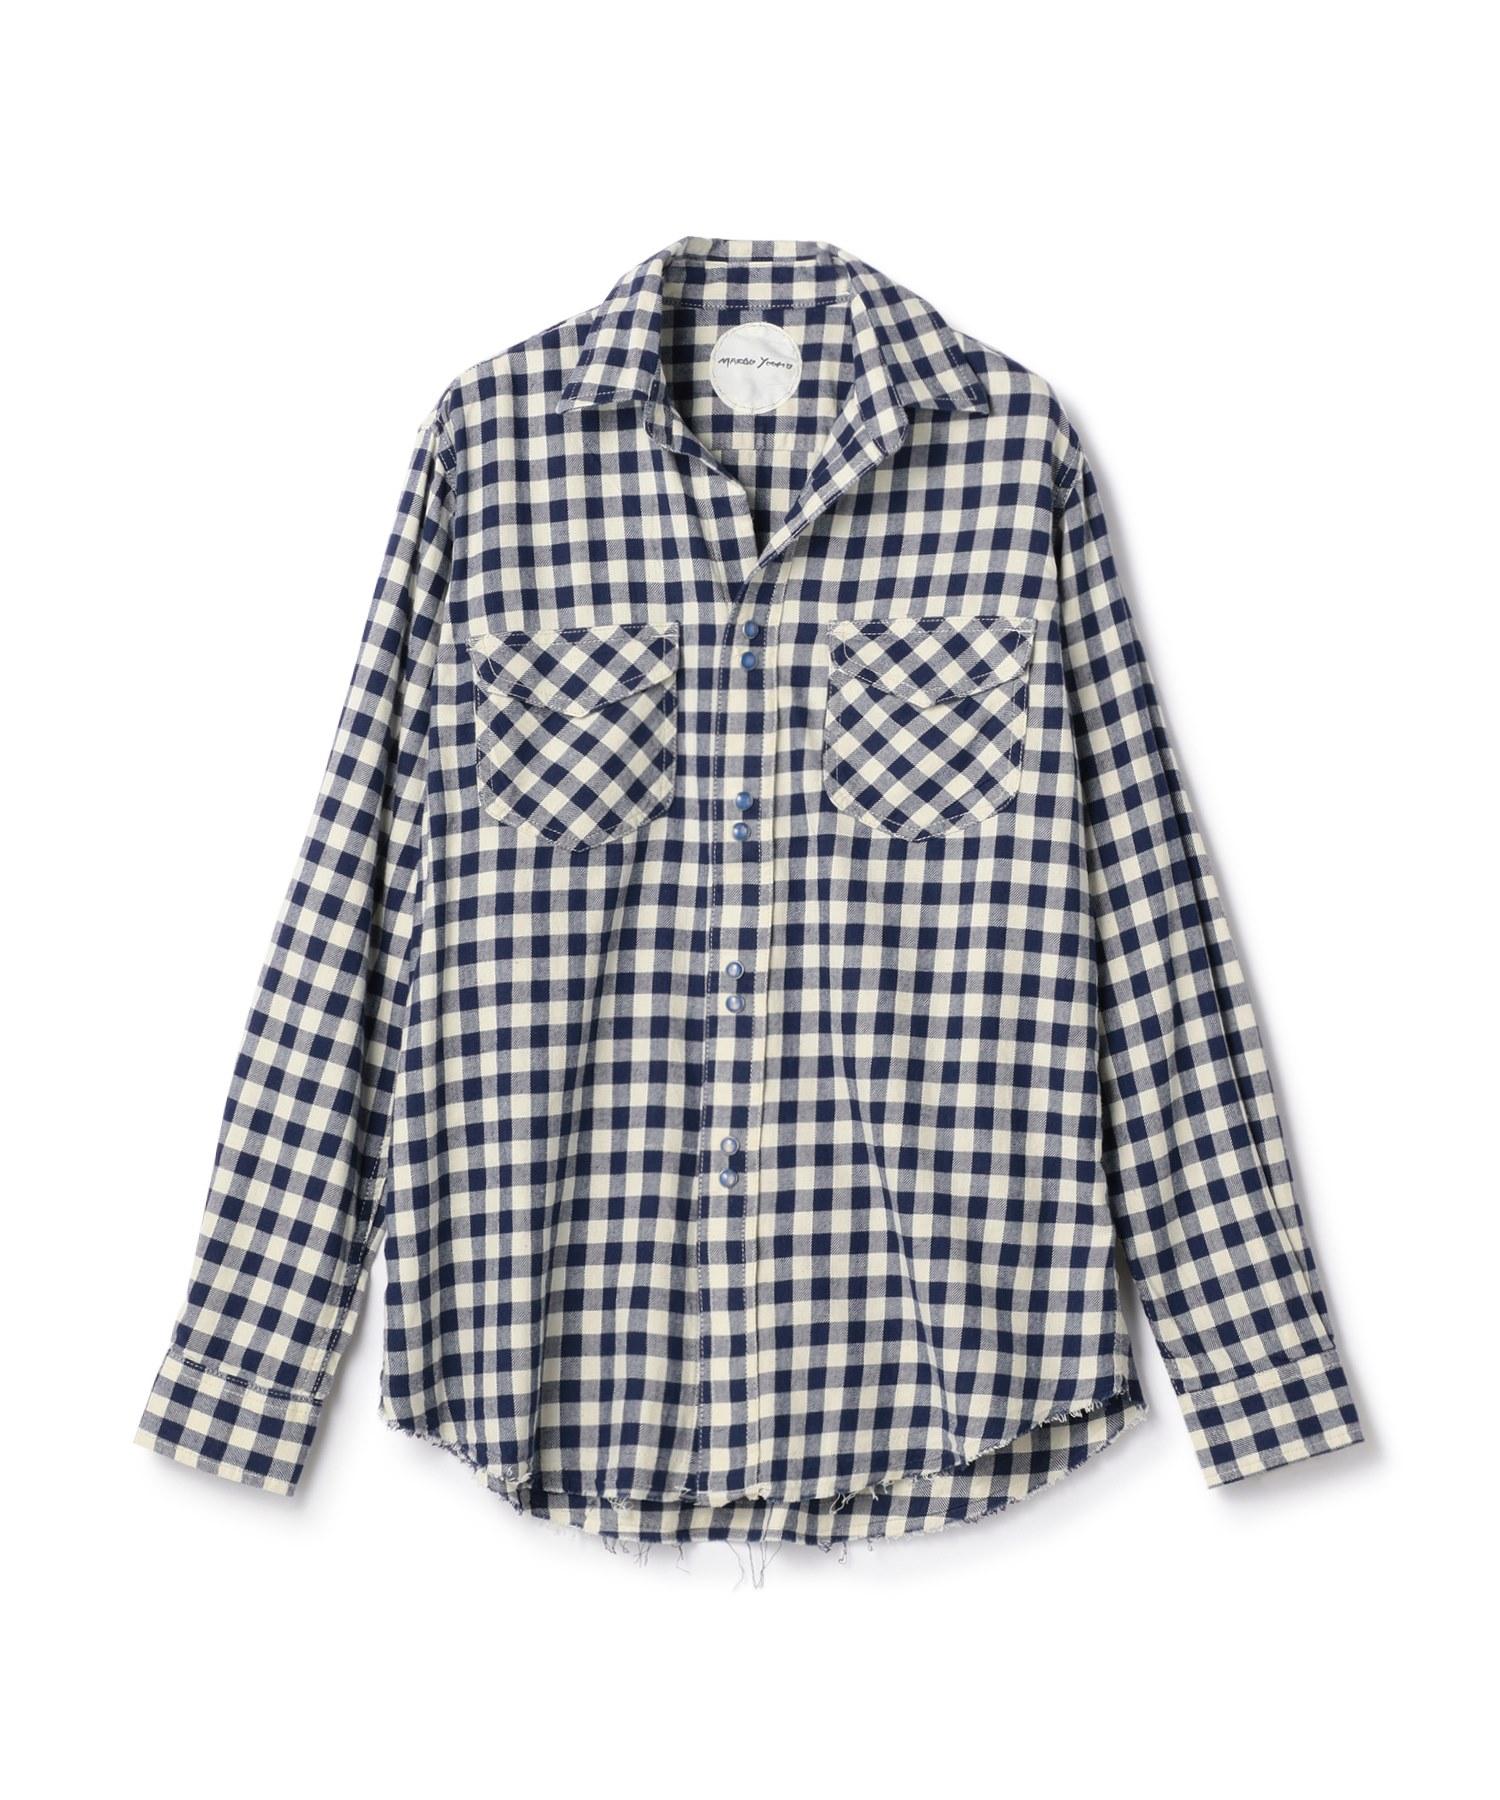 MARGO YOOMO / ウォッシュ加工チェック柄シャツ